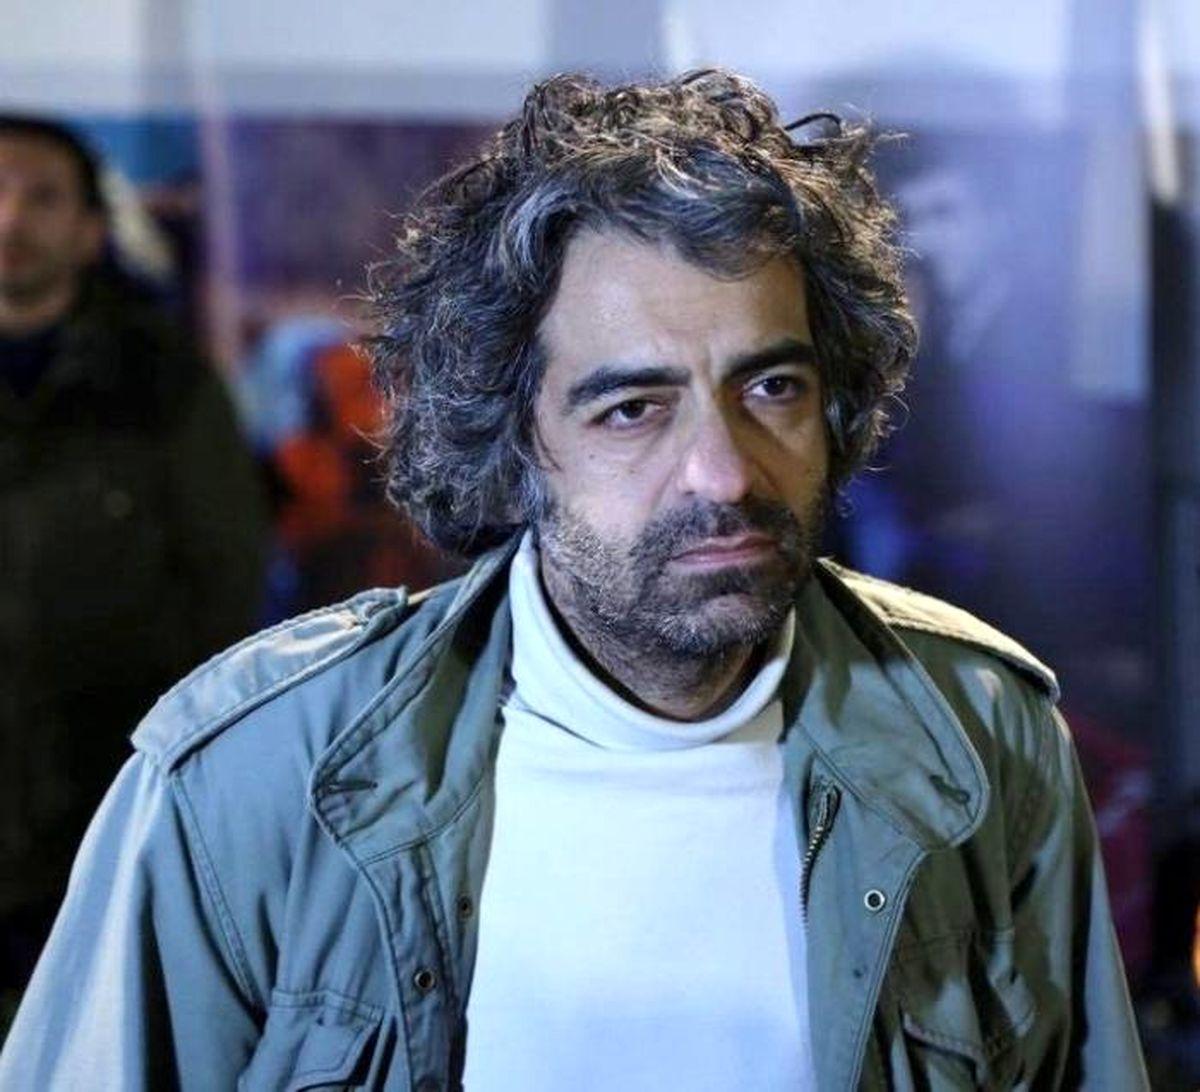 پدر بابک خرمدین علت اصلی قتل پسرش را فاش کرد + جزئیات